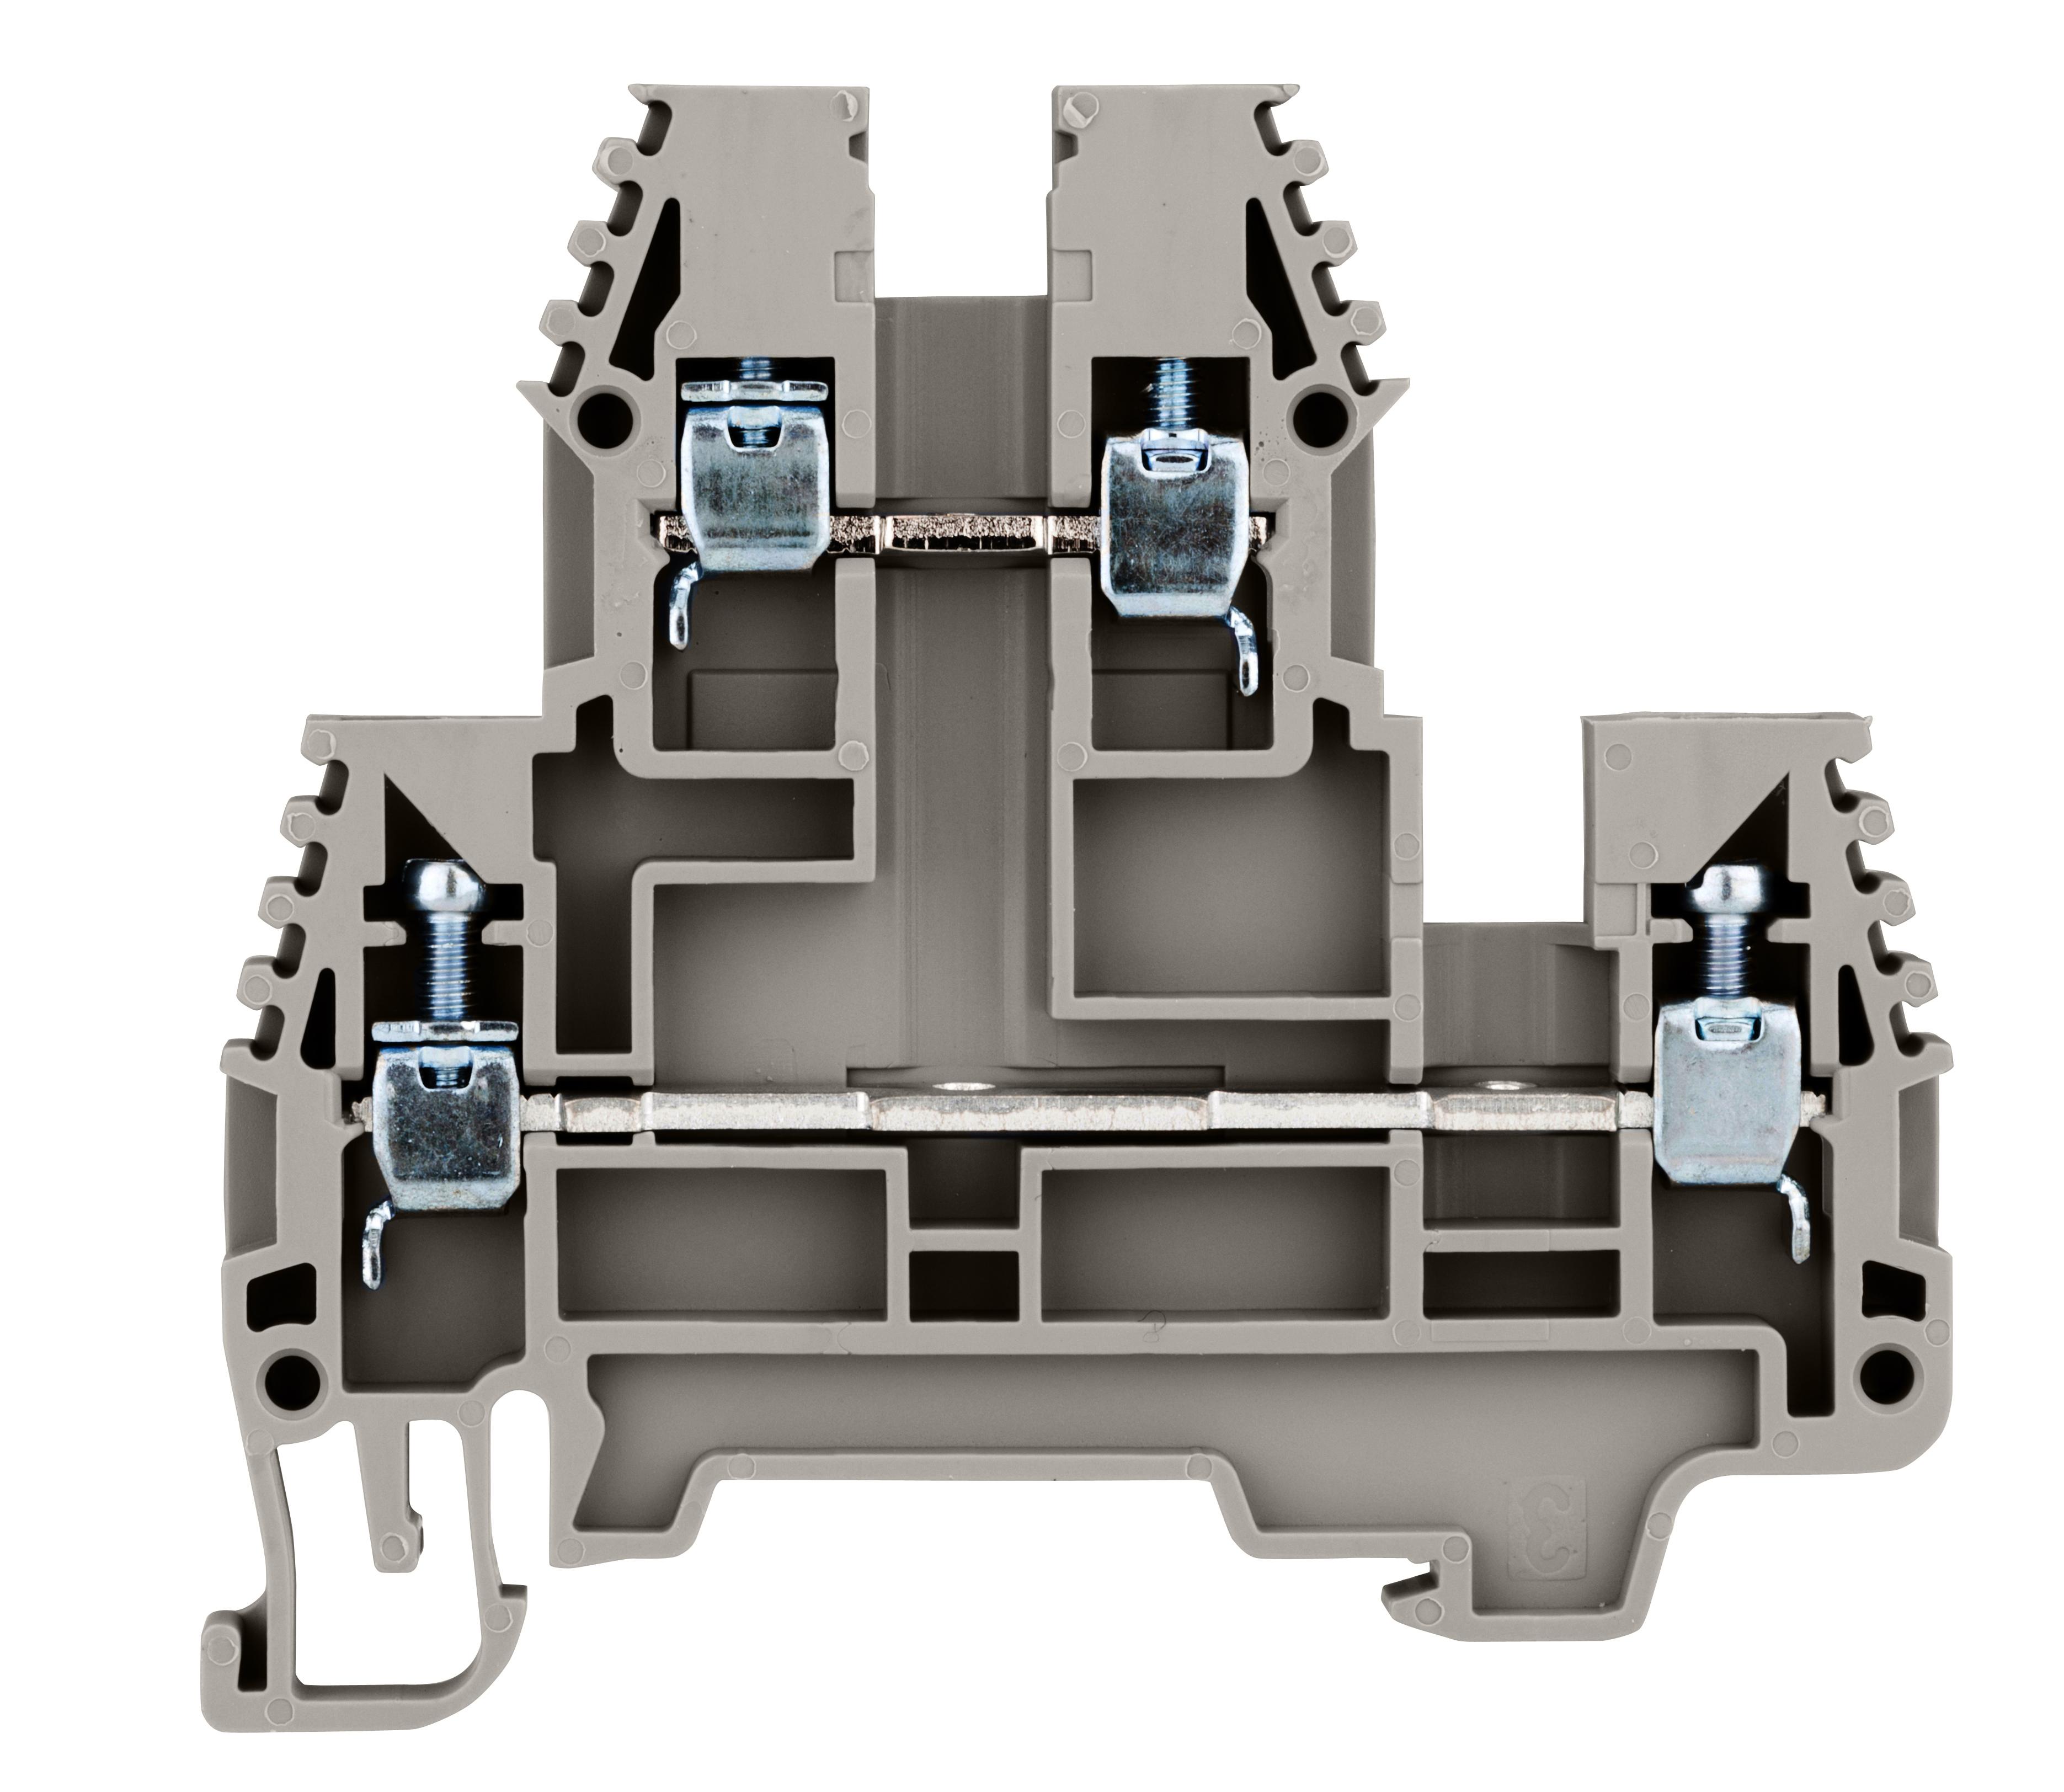 1 Stk Doppelstockklemme 2,5mm², Type PIK 2.5 N grau IK650002--